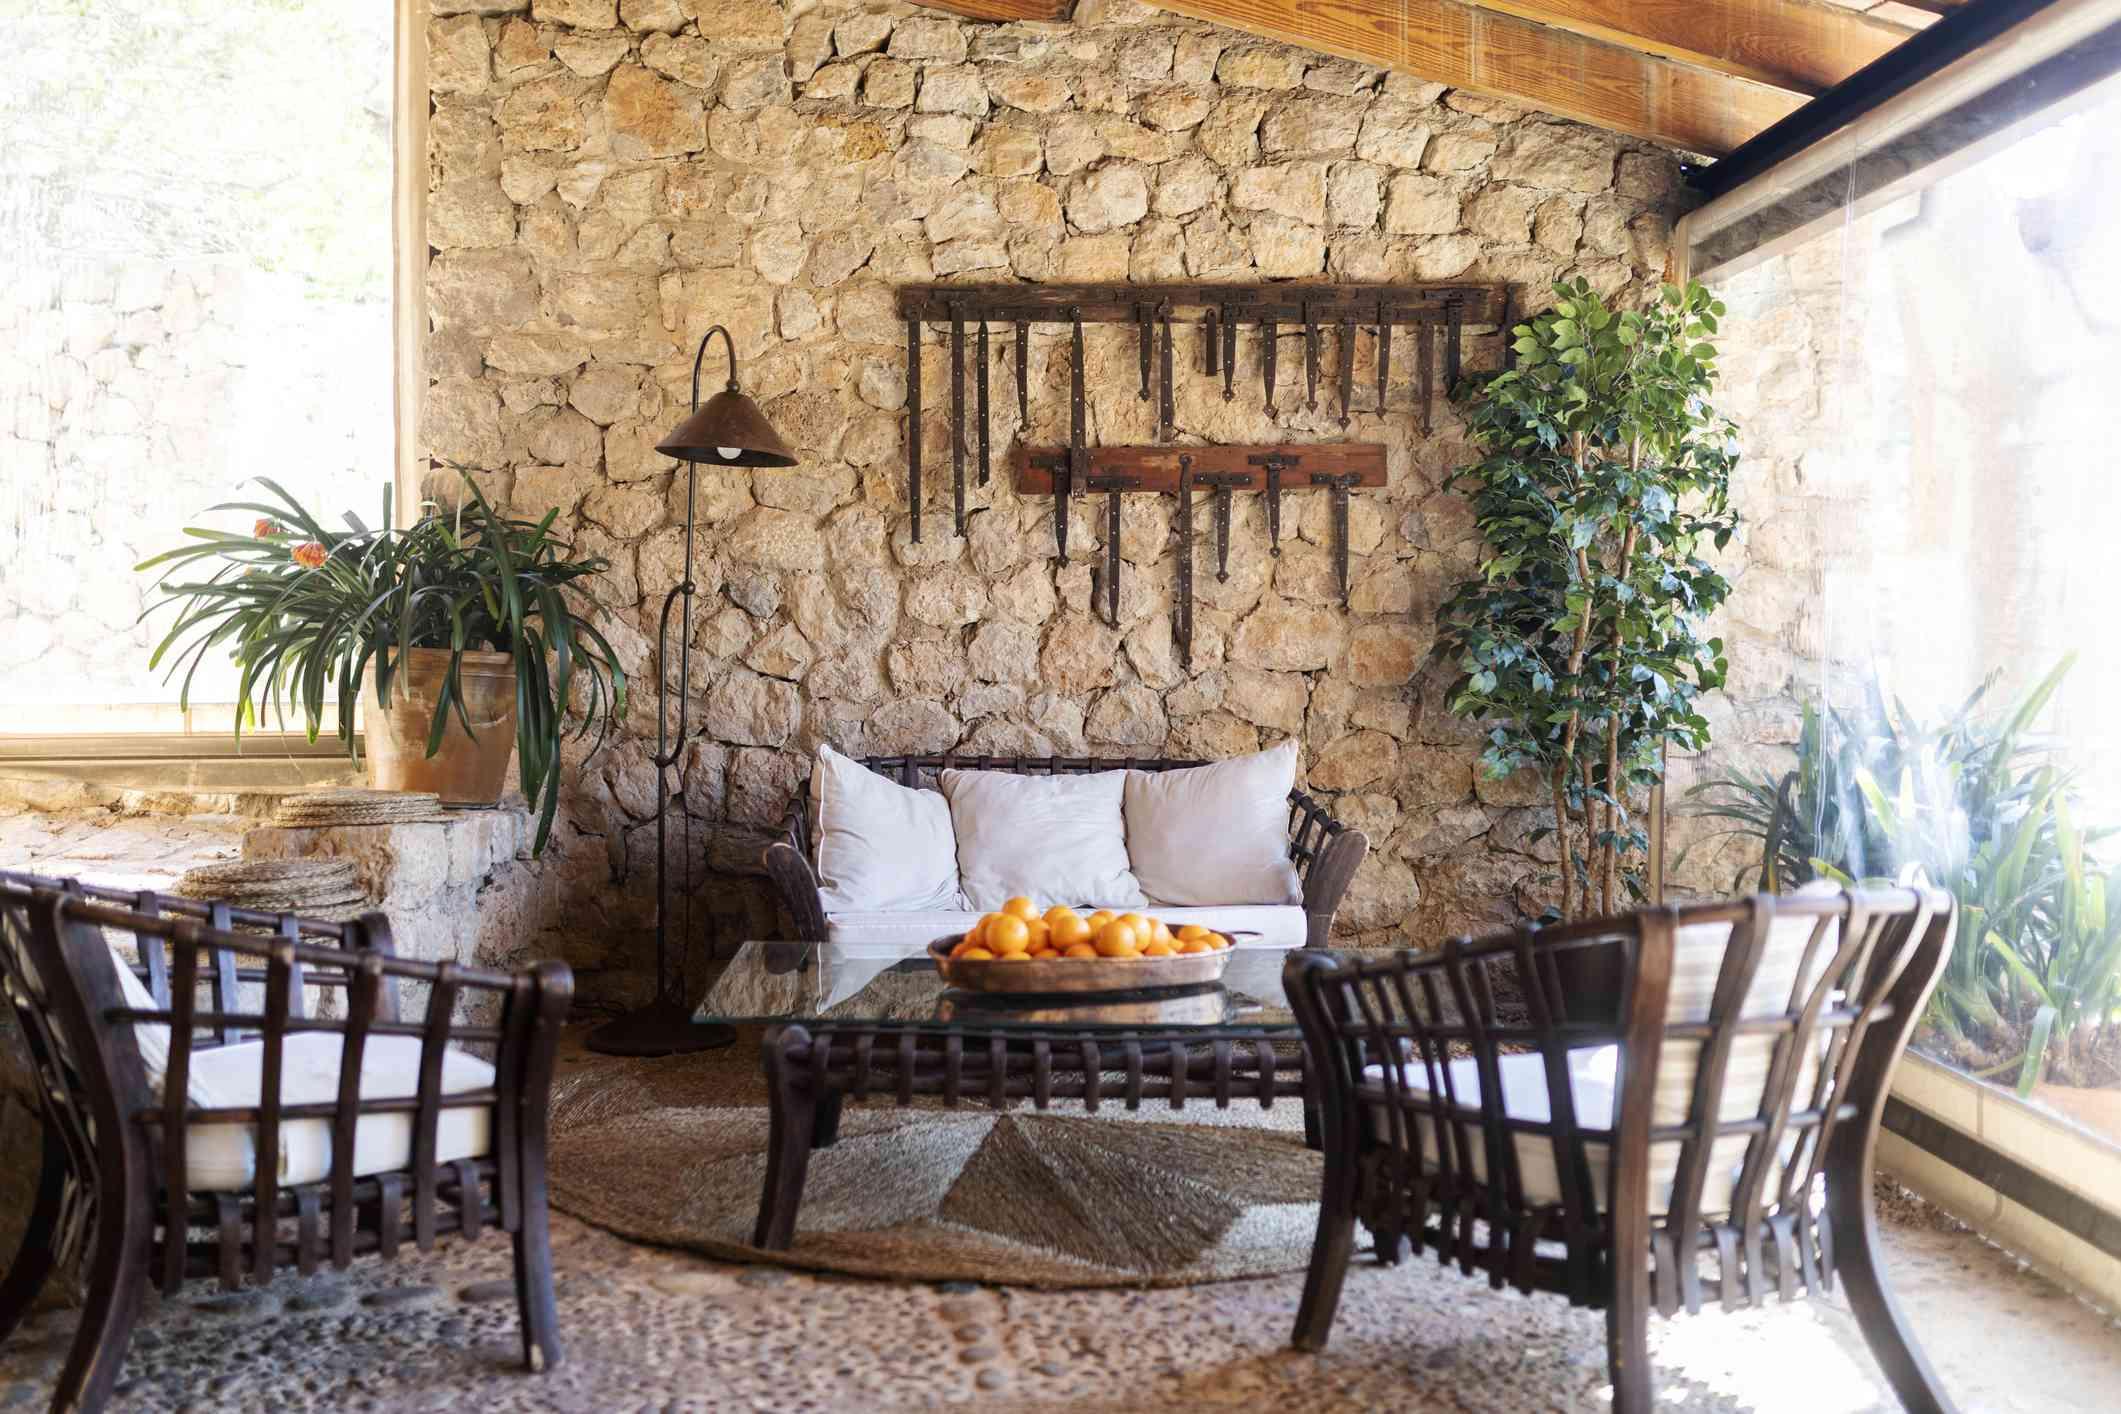 Mediterranean-style interior design in Mallorca